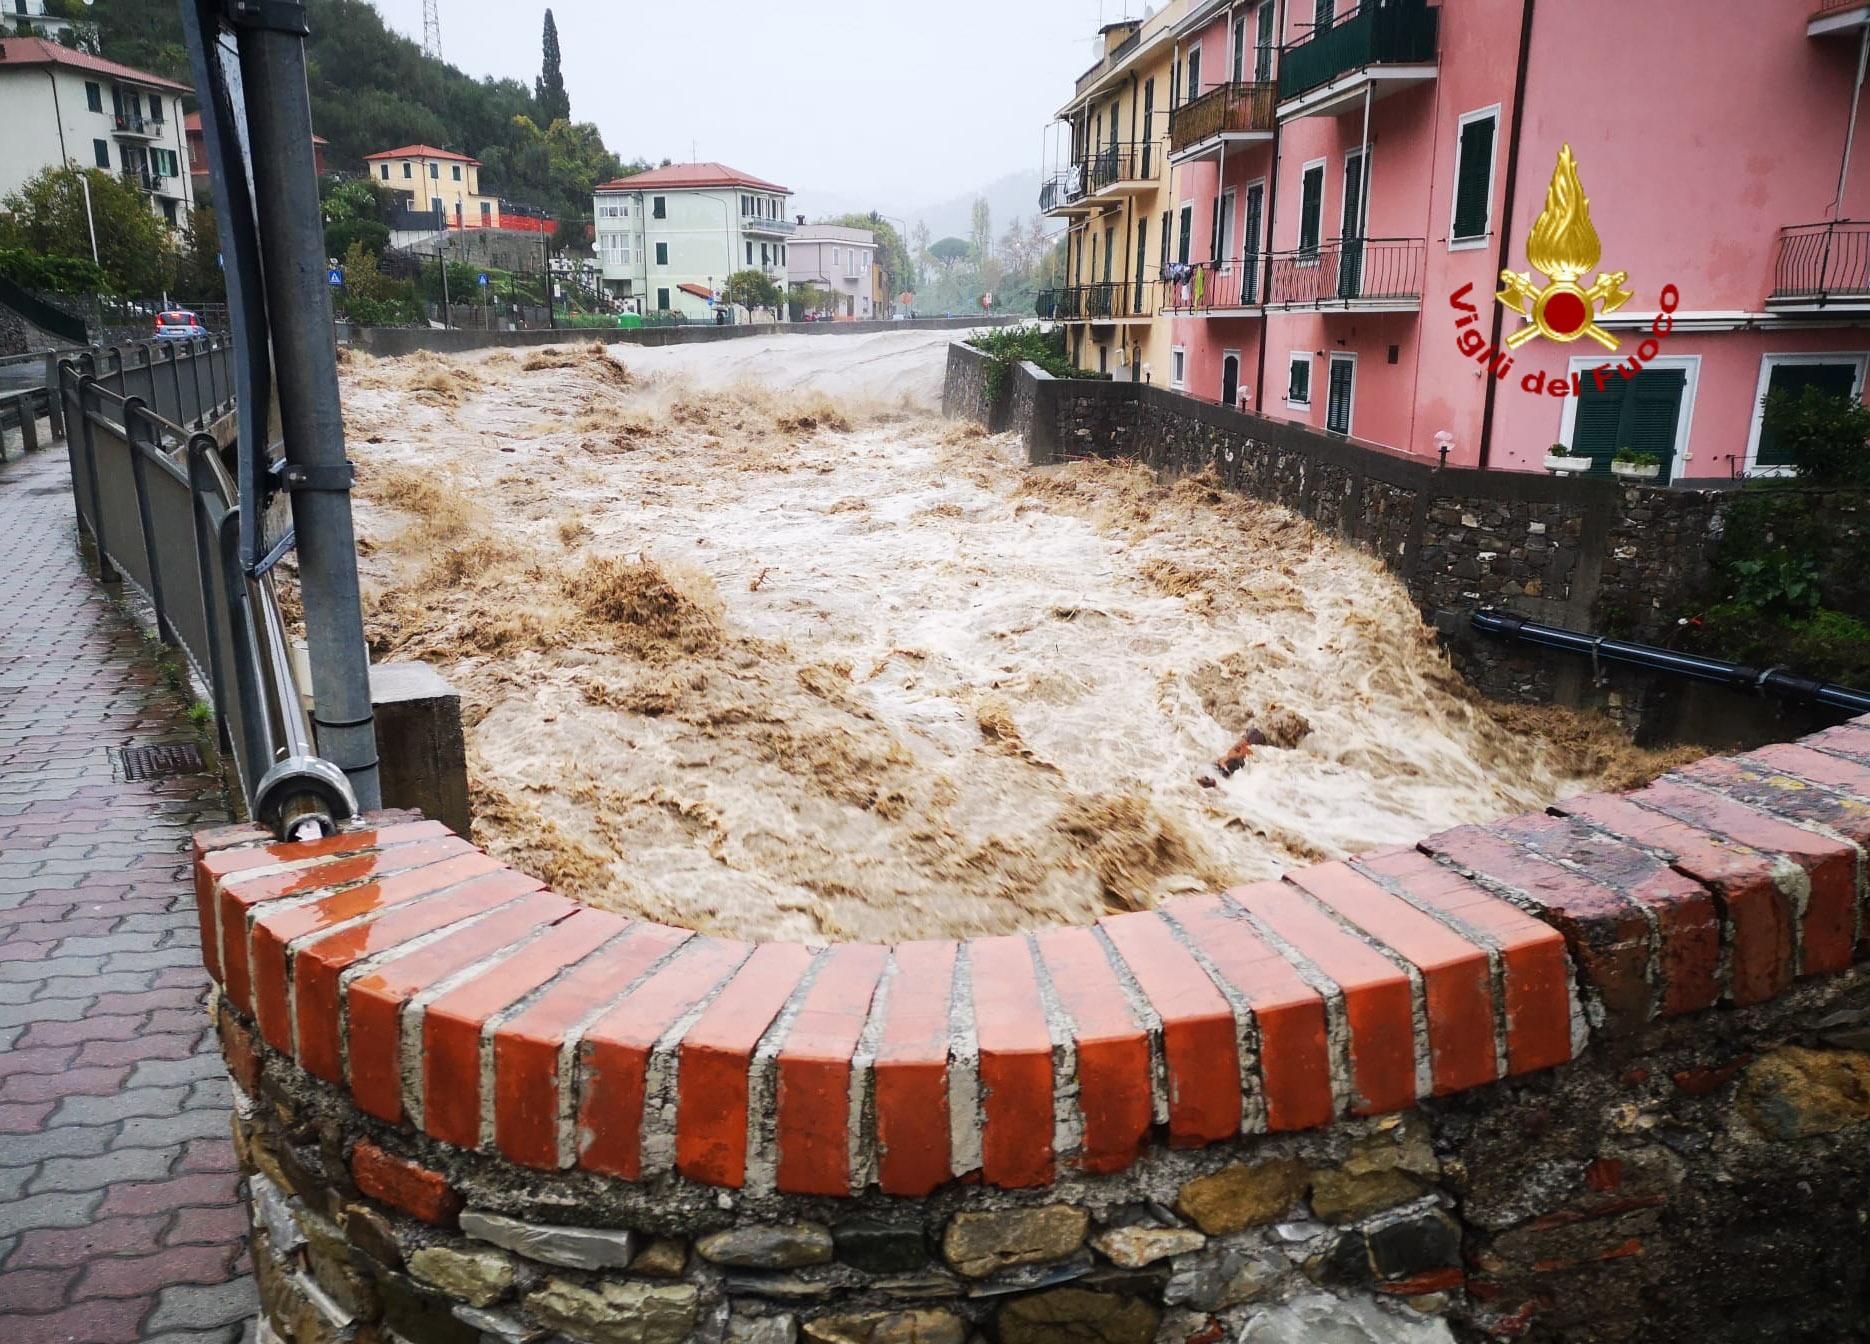 Maltempo Liguria Domani Allerta Rossa E Sciopero Nei Porti Di Genova E Savona Meteoweb